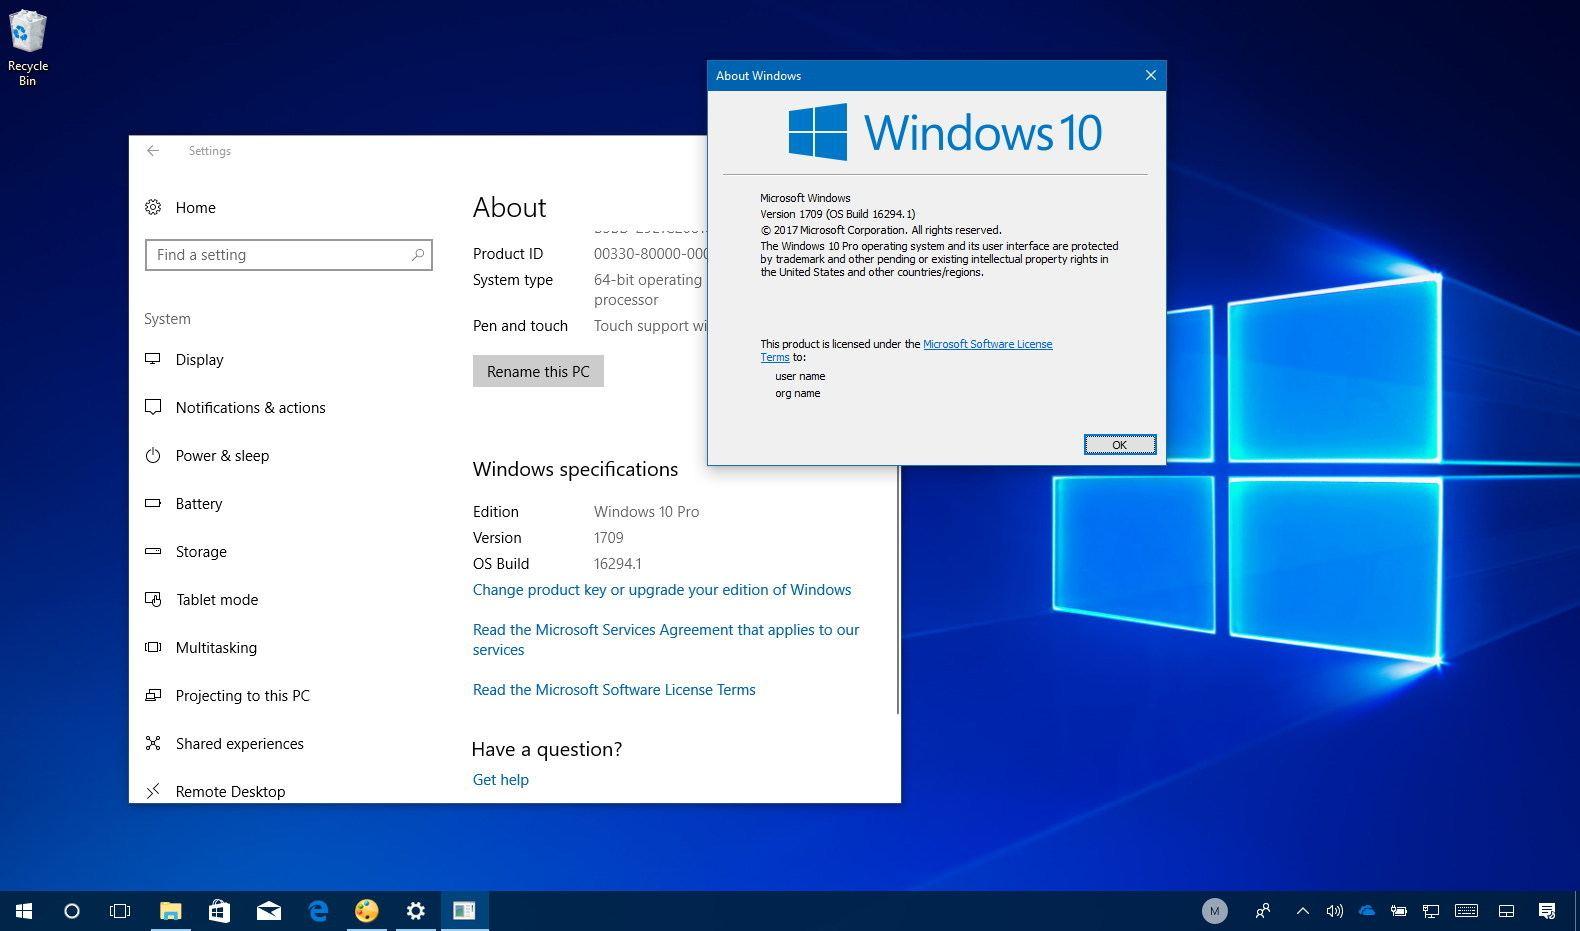 Come attivare Windows 10 gratis, facile e per sempre? Guida passo passo 14